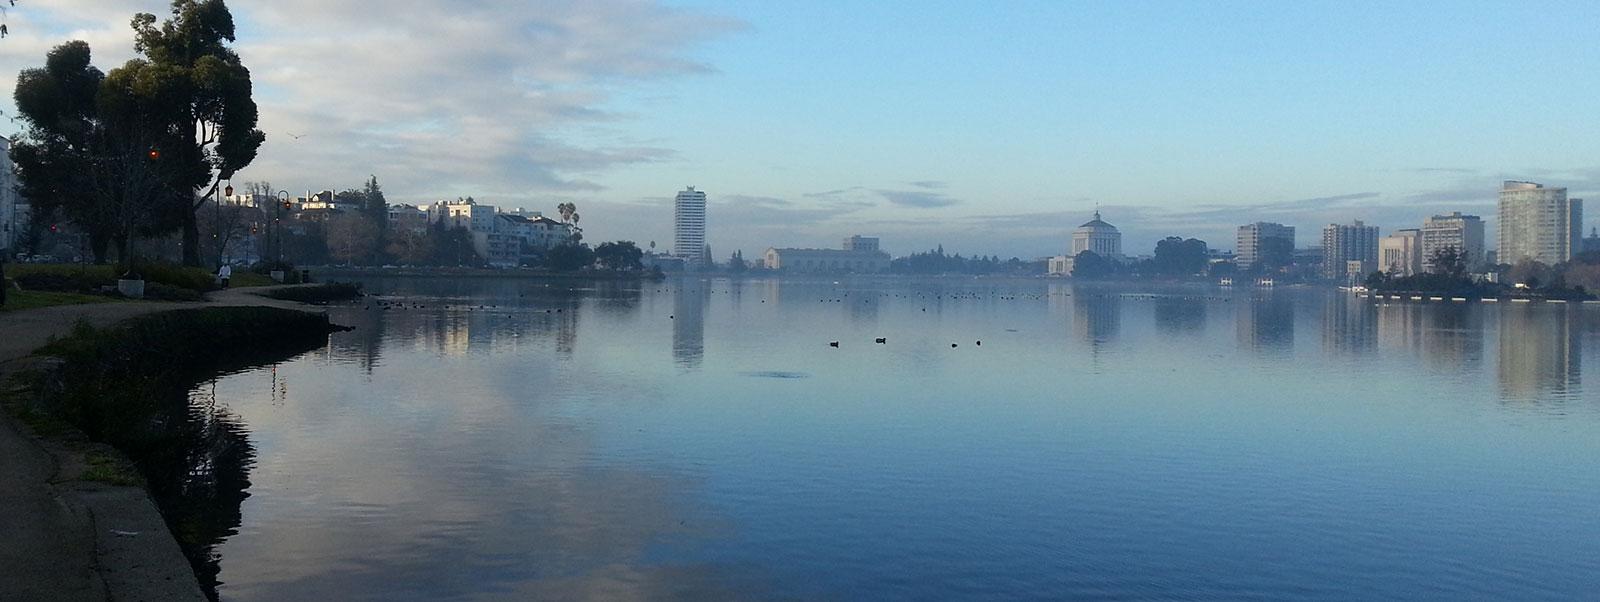 Oakland's Lake Merritt